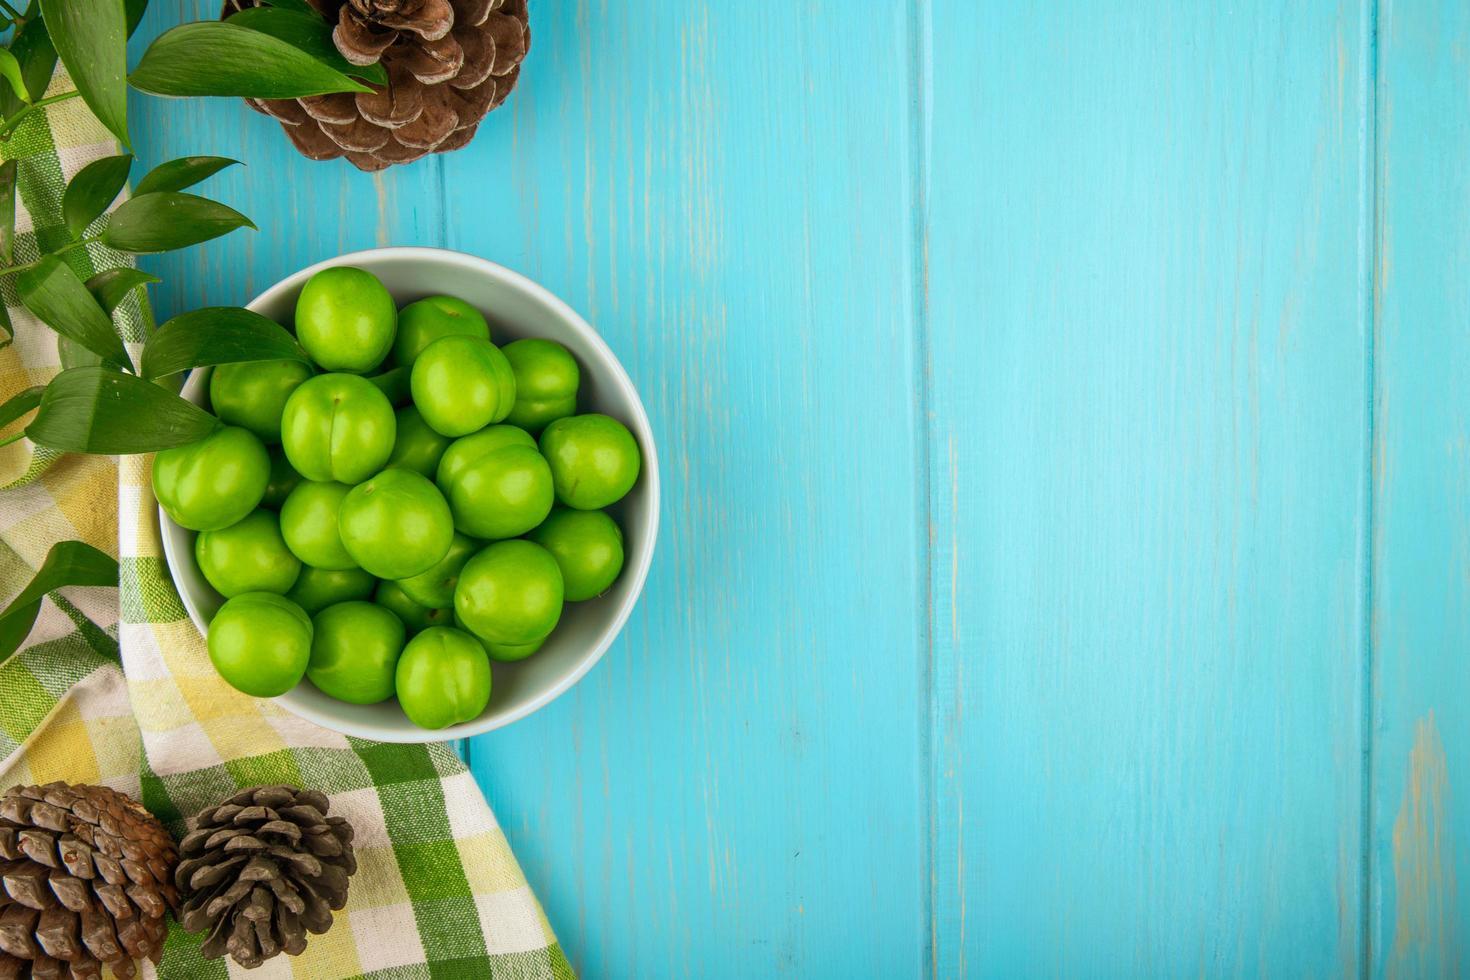 Vista superior de ciruelas verdes ácidas y piñas sobre un fondo azul. foto